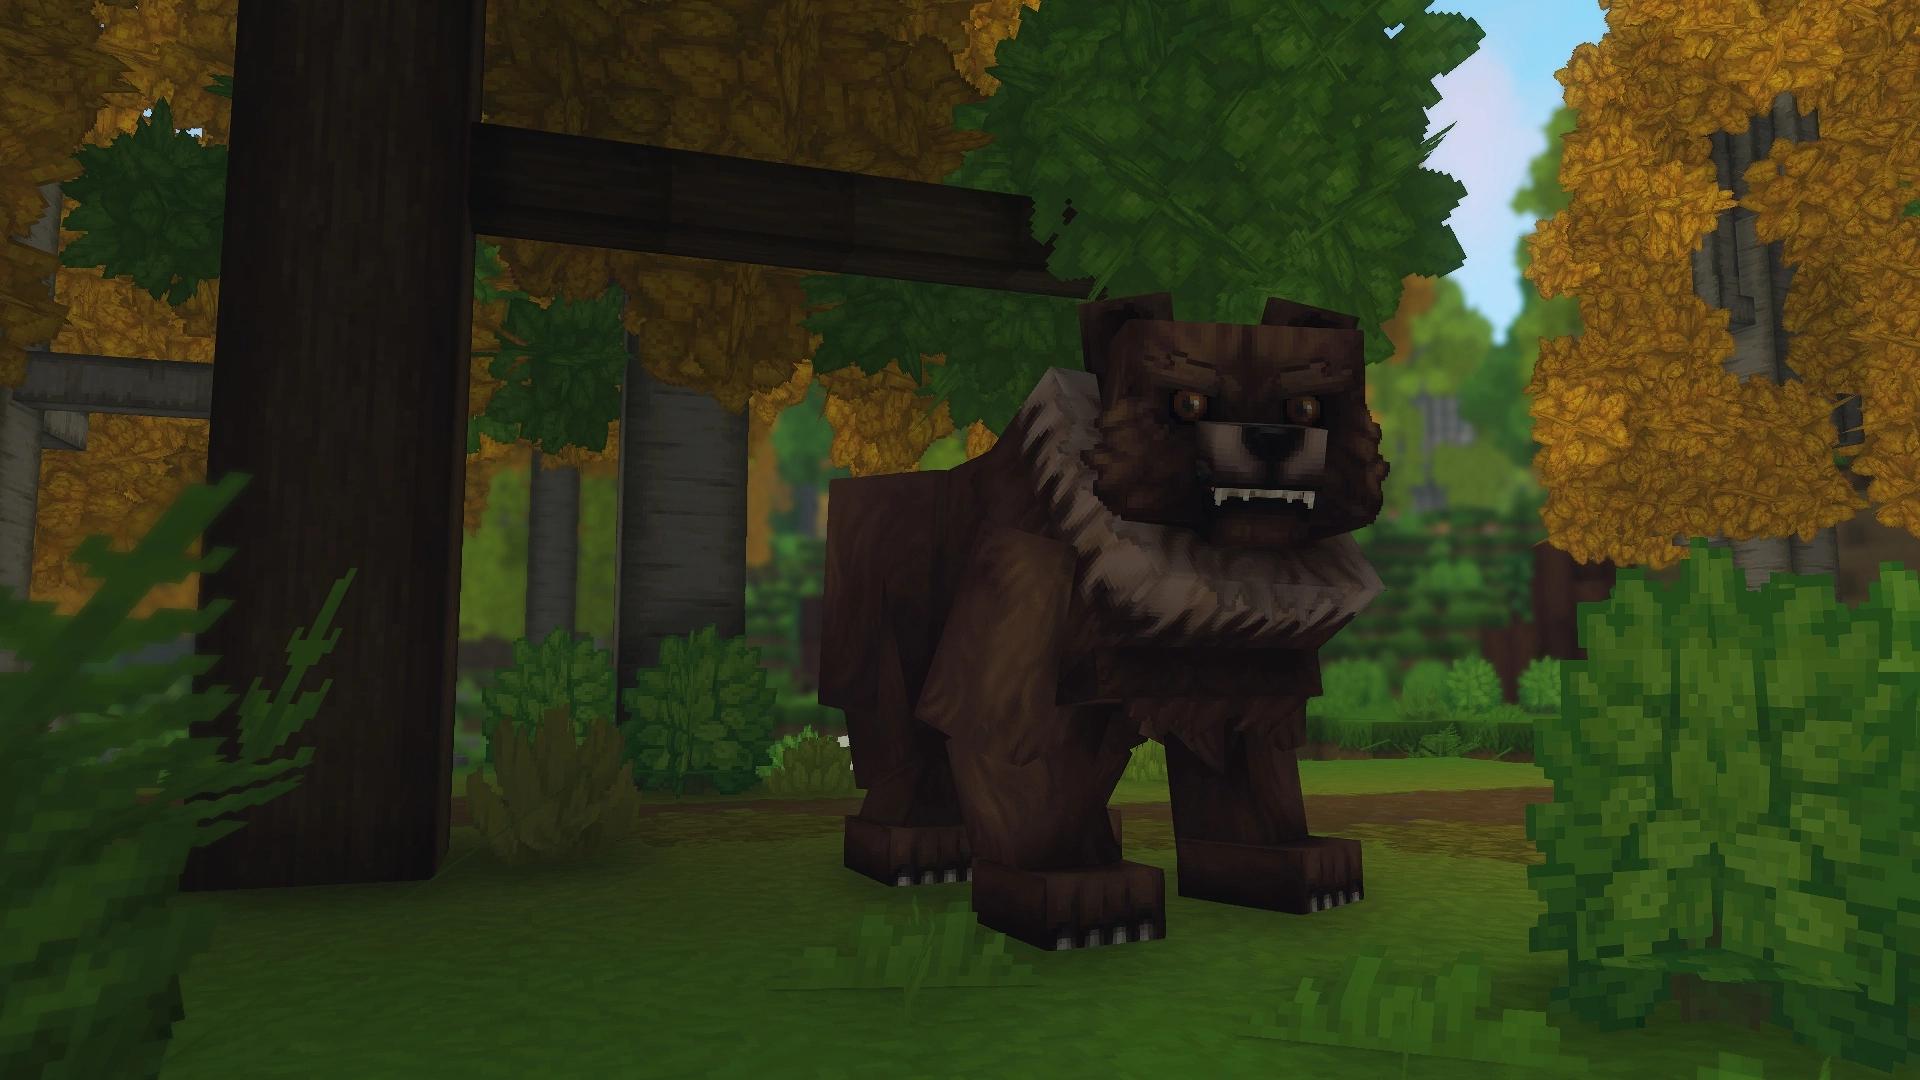 Un Grizzli au premier plan qui est en train de nous fixer l'air menaçant.